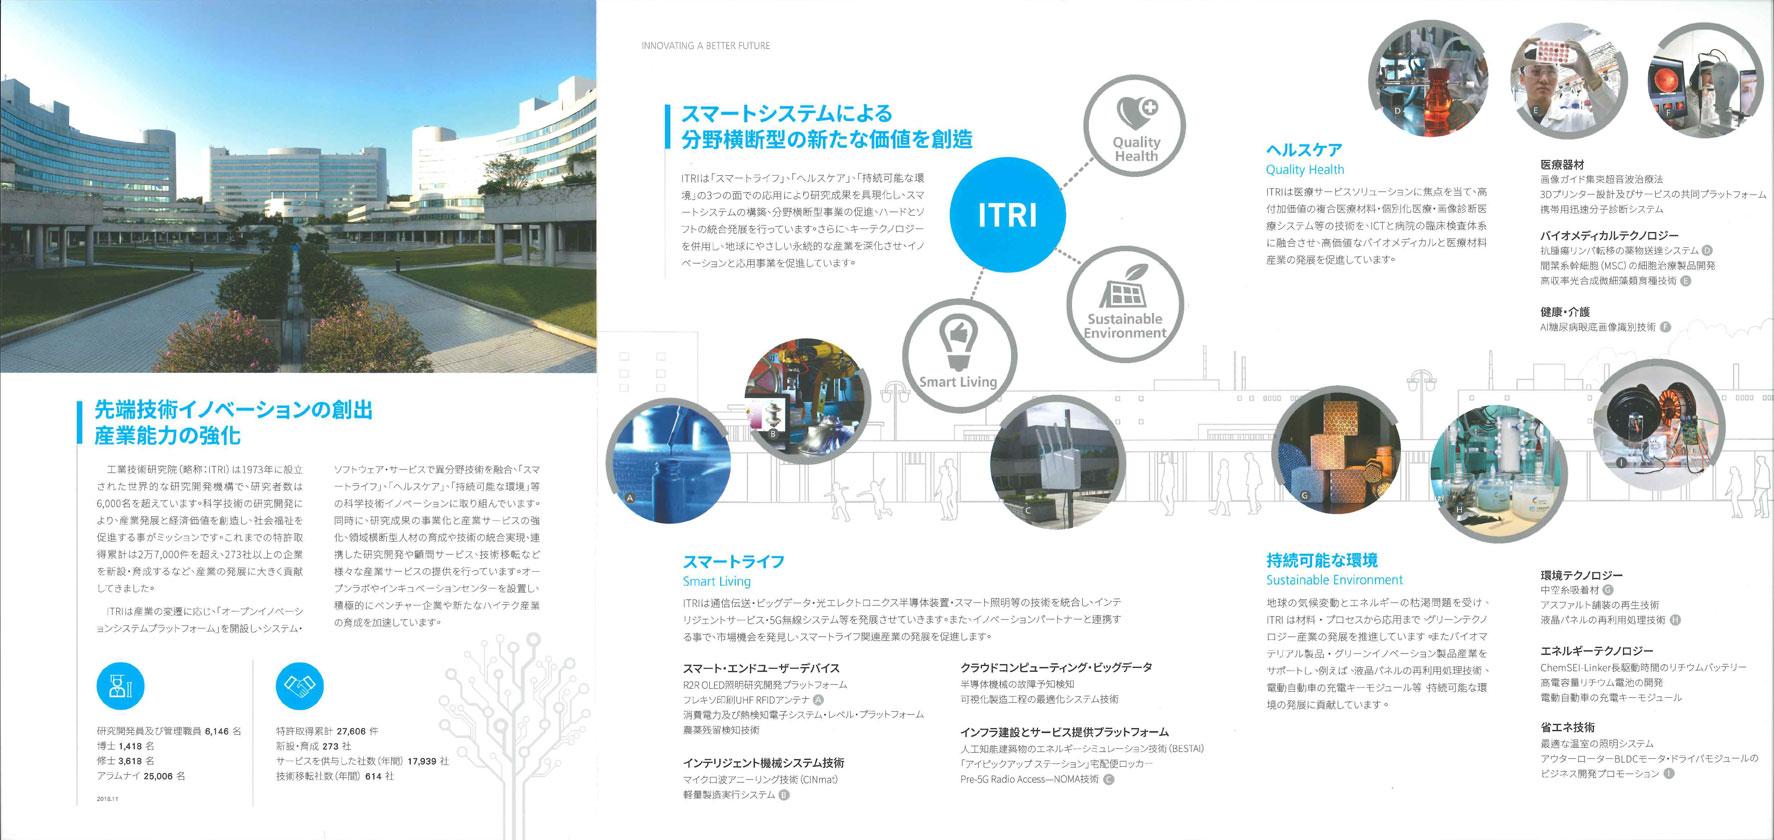 台湾工業技術研究院 ITRI